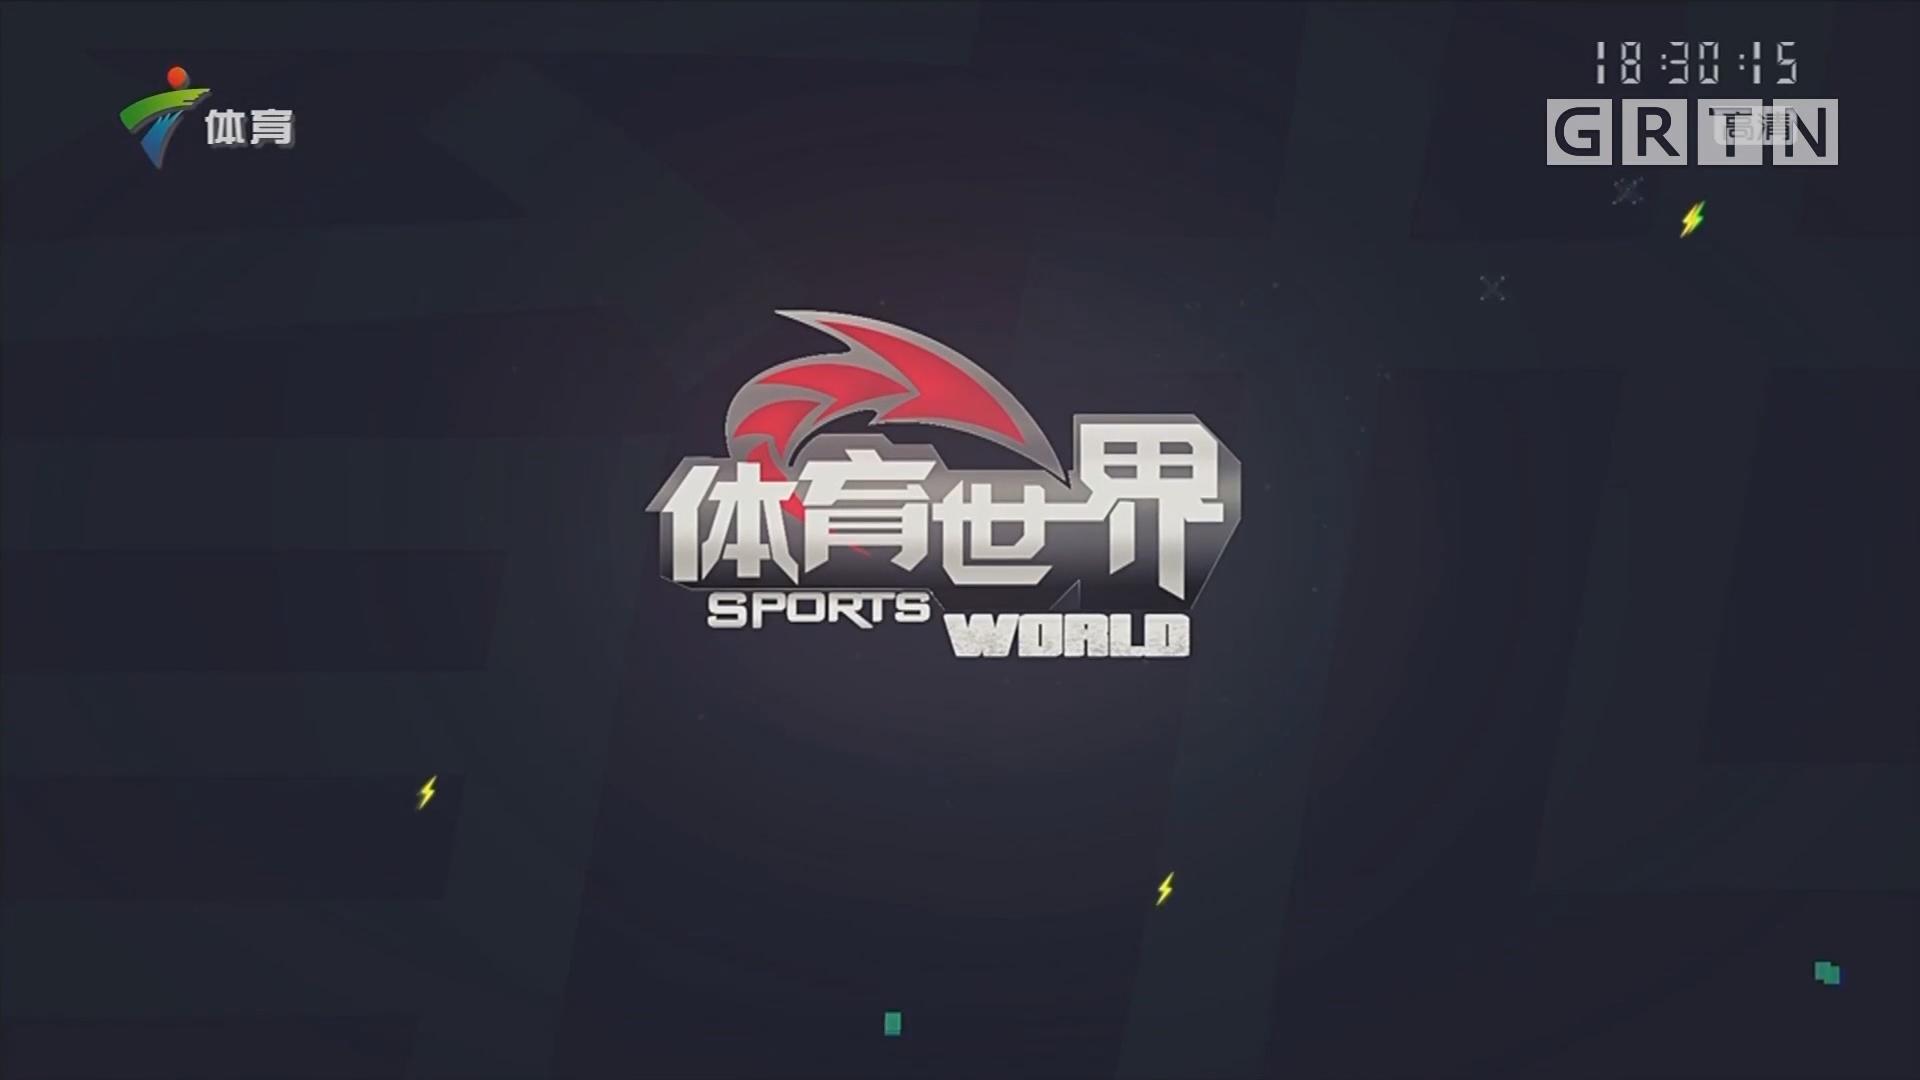 [HD][2019-02-21]體育世界:三戰全勝 蘇炳添為室內賽季收官